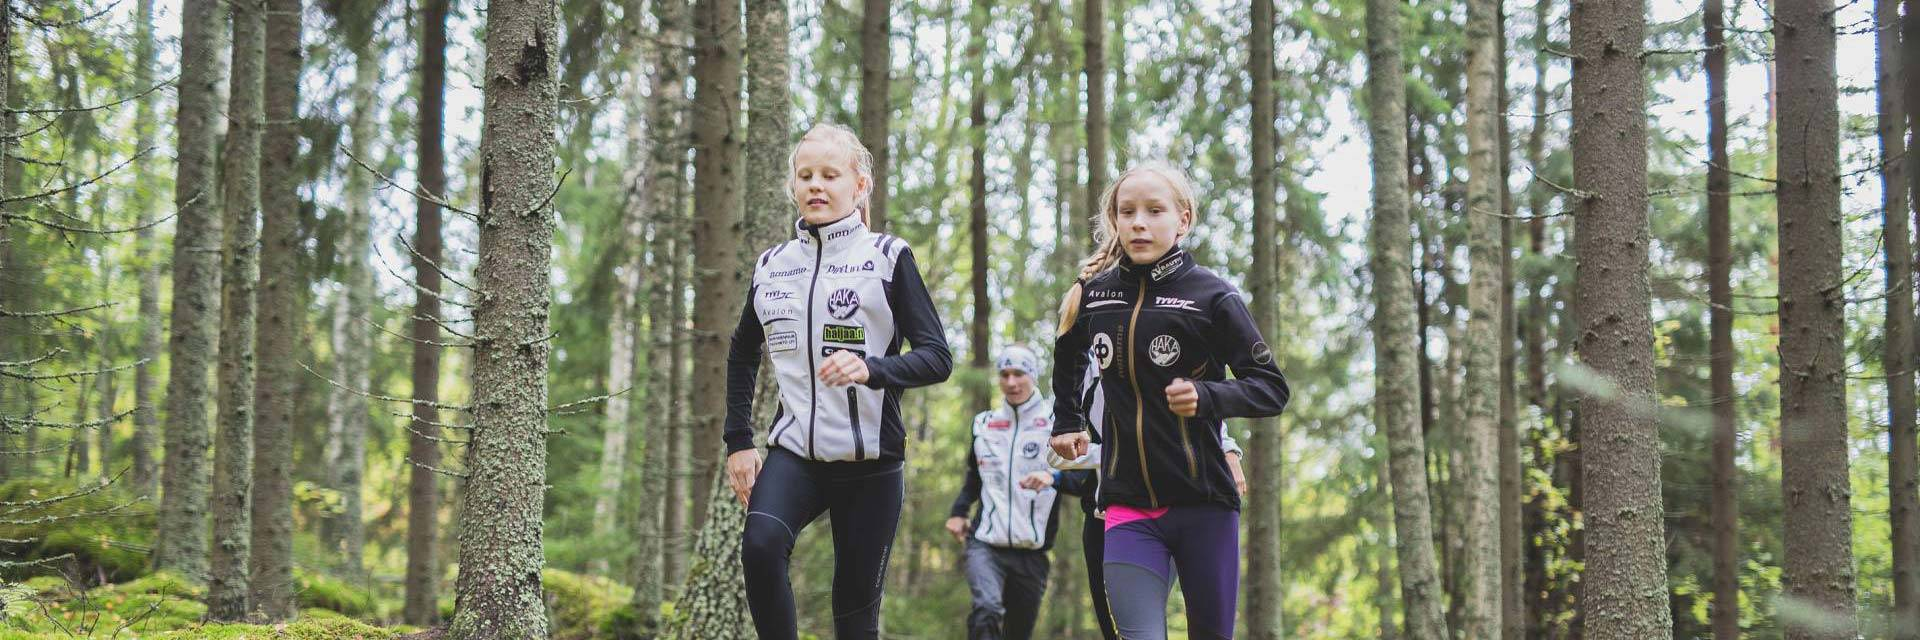 Suunnistajia juoksemassa Korkeakankaan metsässä.